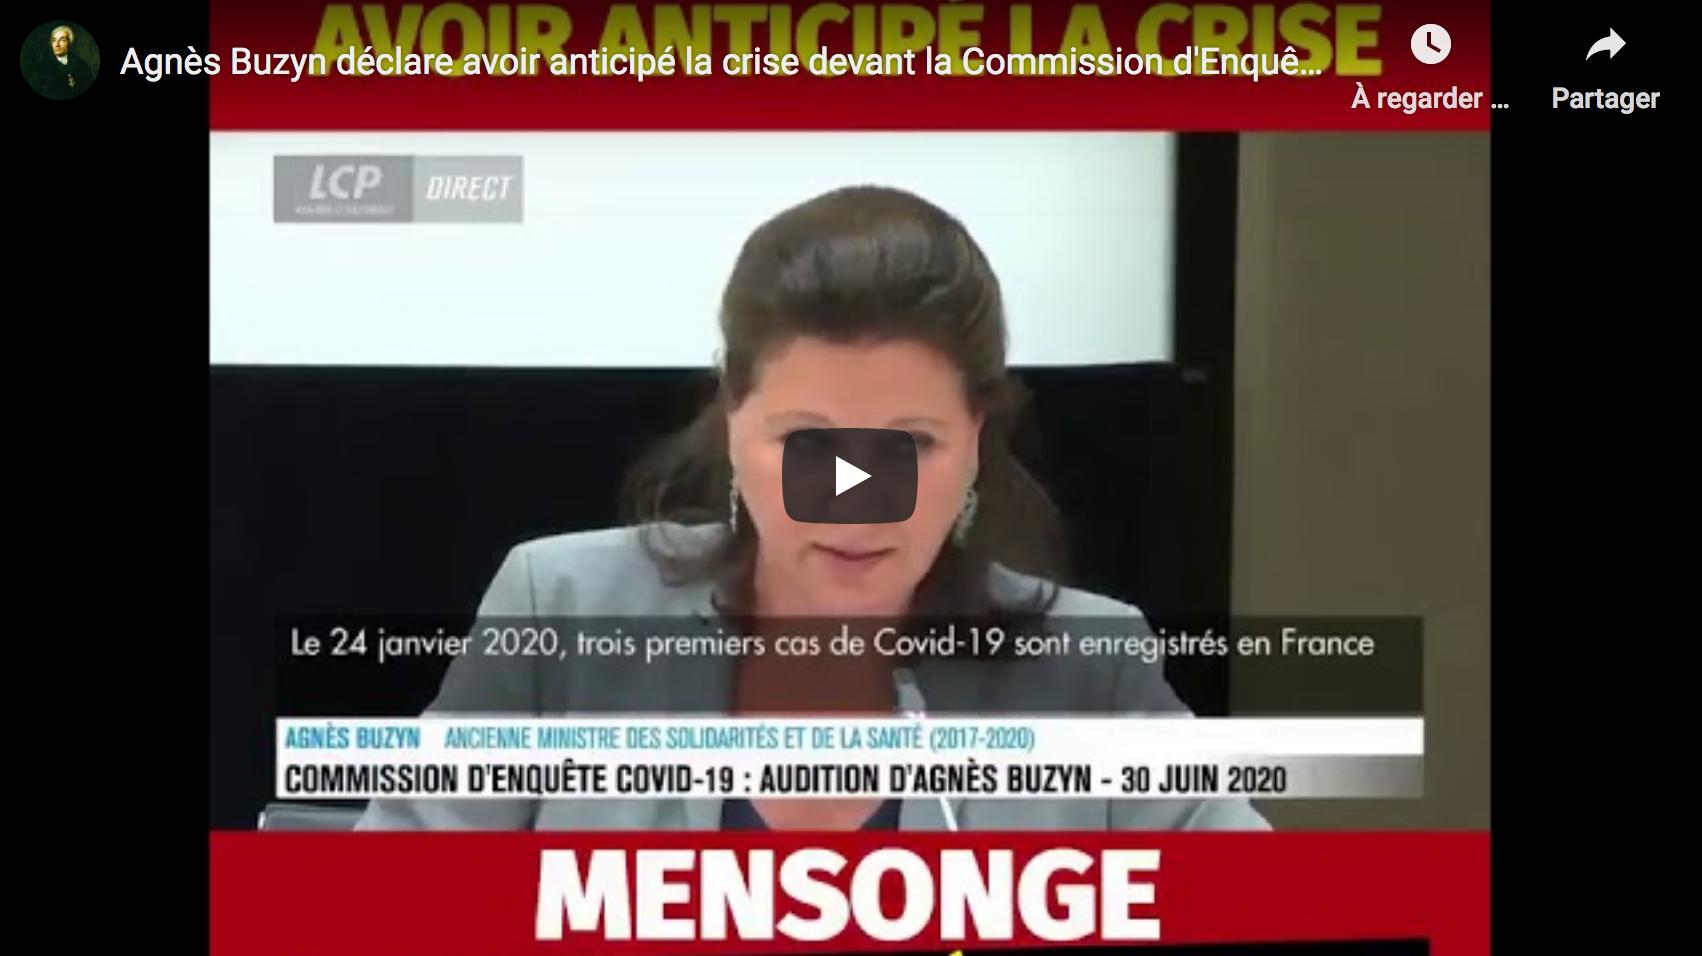 Agnès Buzyn déclare avoir anticipé la crise devant la Commission d'Enquête (VIDÉO)